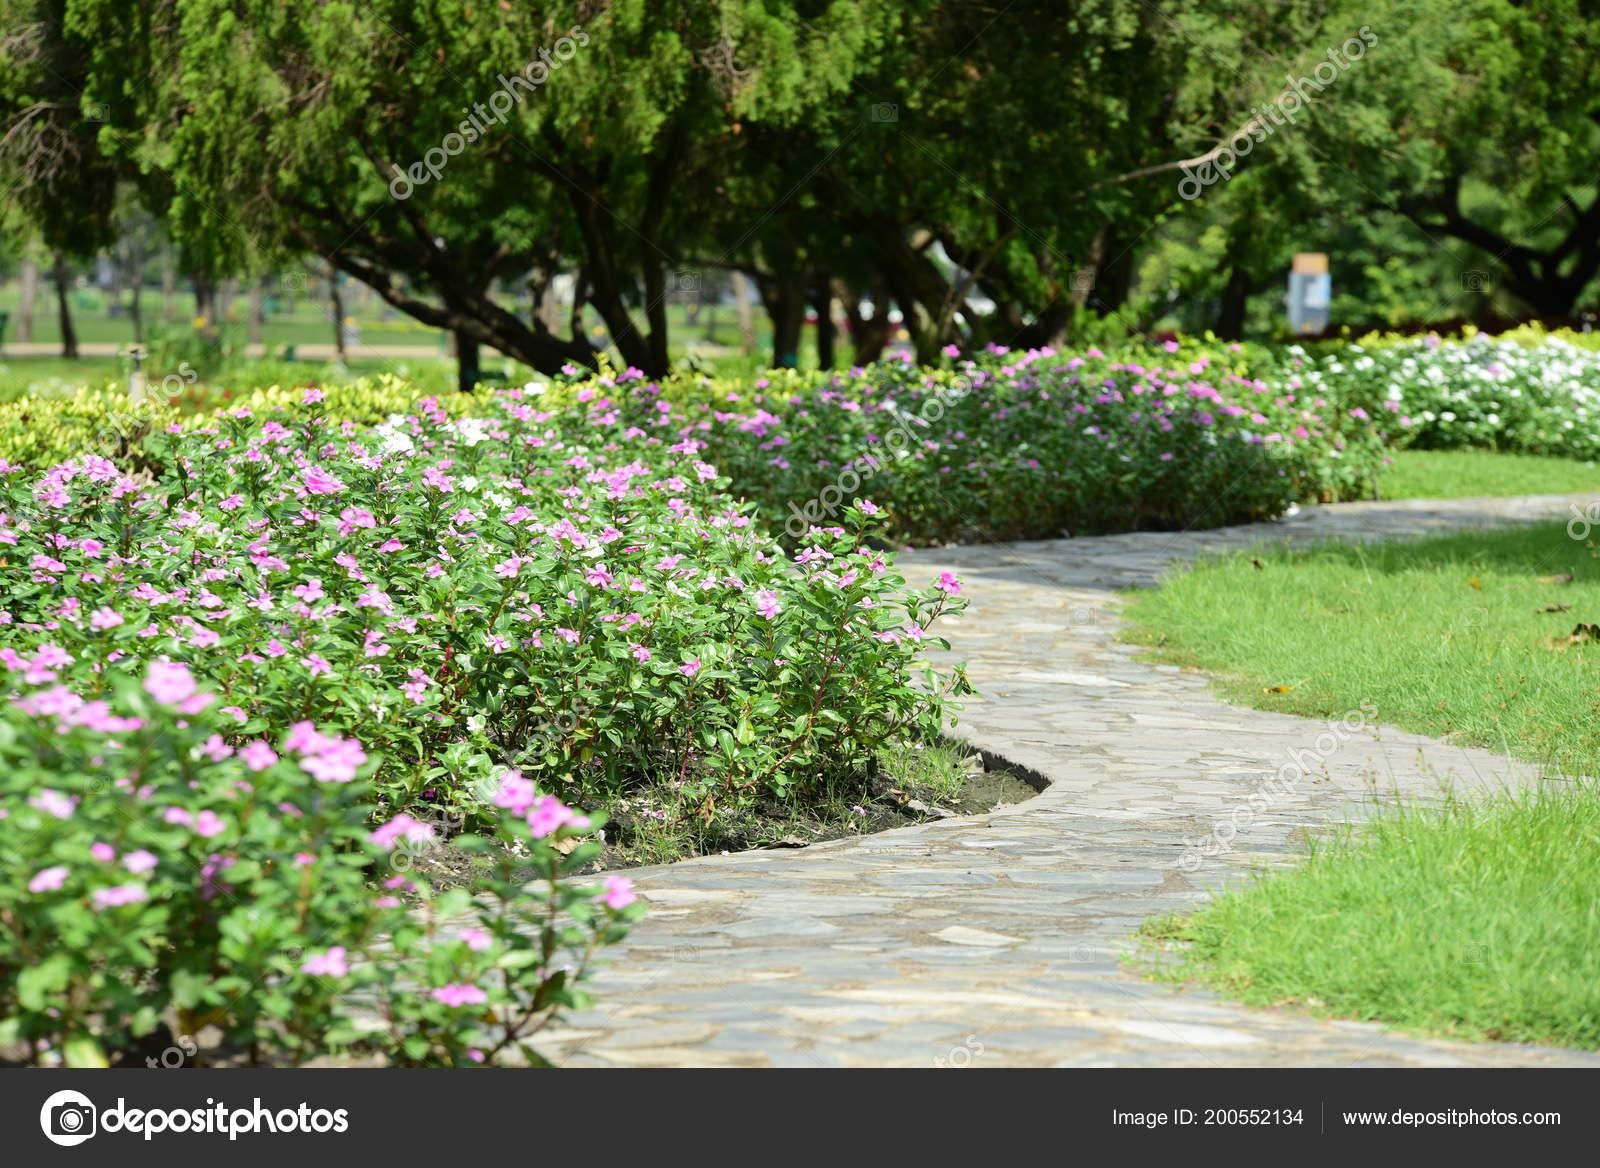 Schöner Garten Mit Bunten Blumen. Gepflegten Gartenanlage. Park. Schöner  Garten U2014 Foto Von Tharathiponsri@gmail.com| ...